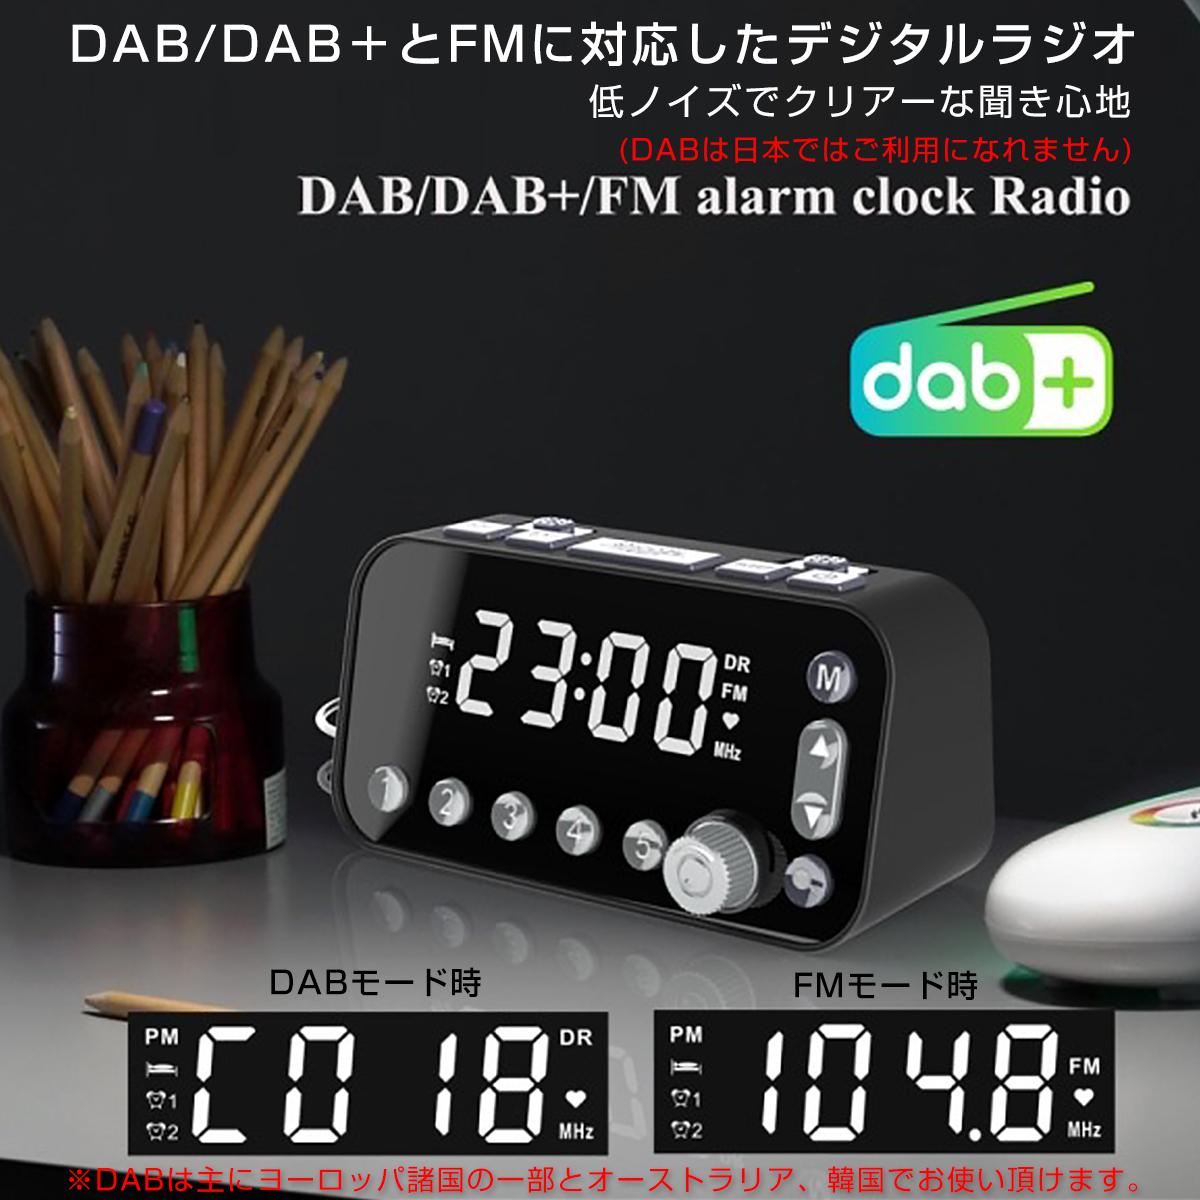 デジタルラジオ DAB DAB+ FMラジオ 受信対応 大画面ディスプレイ 簡単操作 高品質受信 デジタルクリアー 快適な聴き心地 プリセット機能 USBポート搭載 スマホ充電可能 電池駆動 目覚まし アラーム 宅配便送料無料 1ヶ月保証